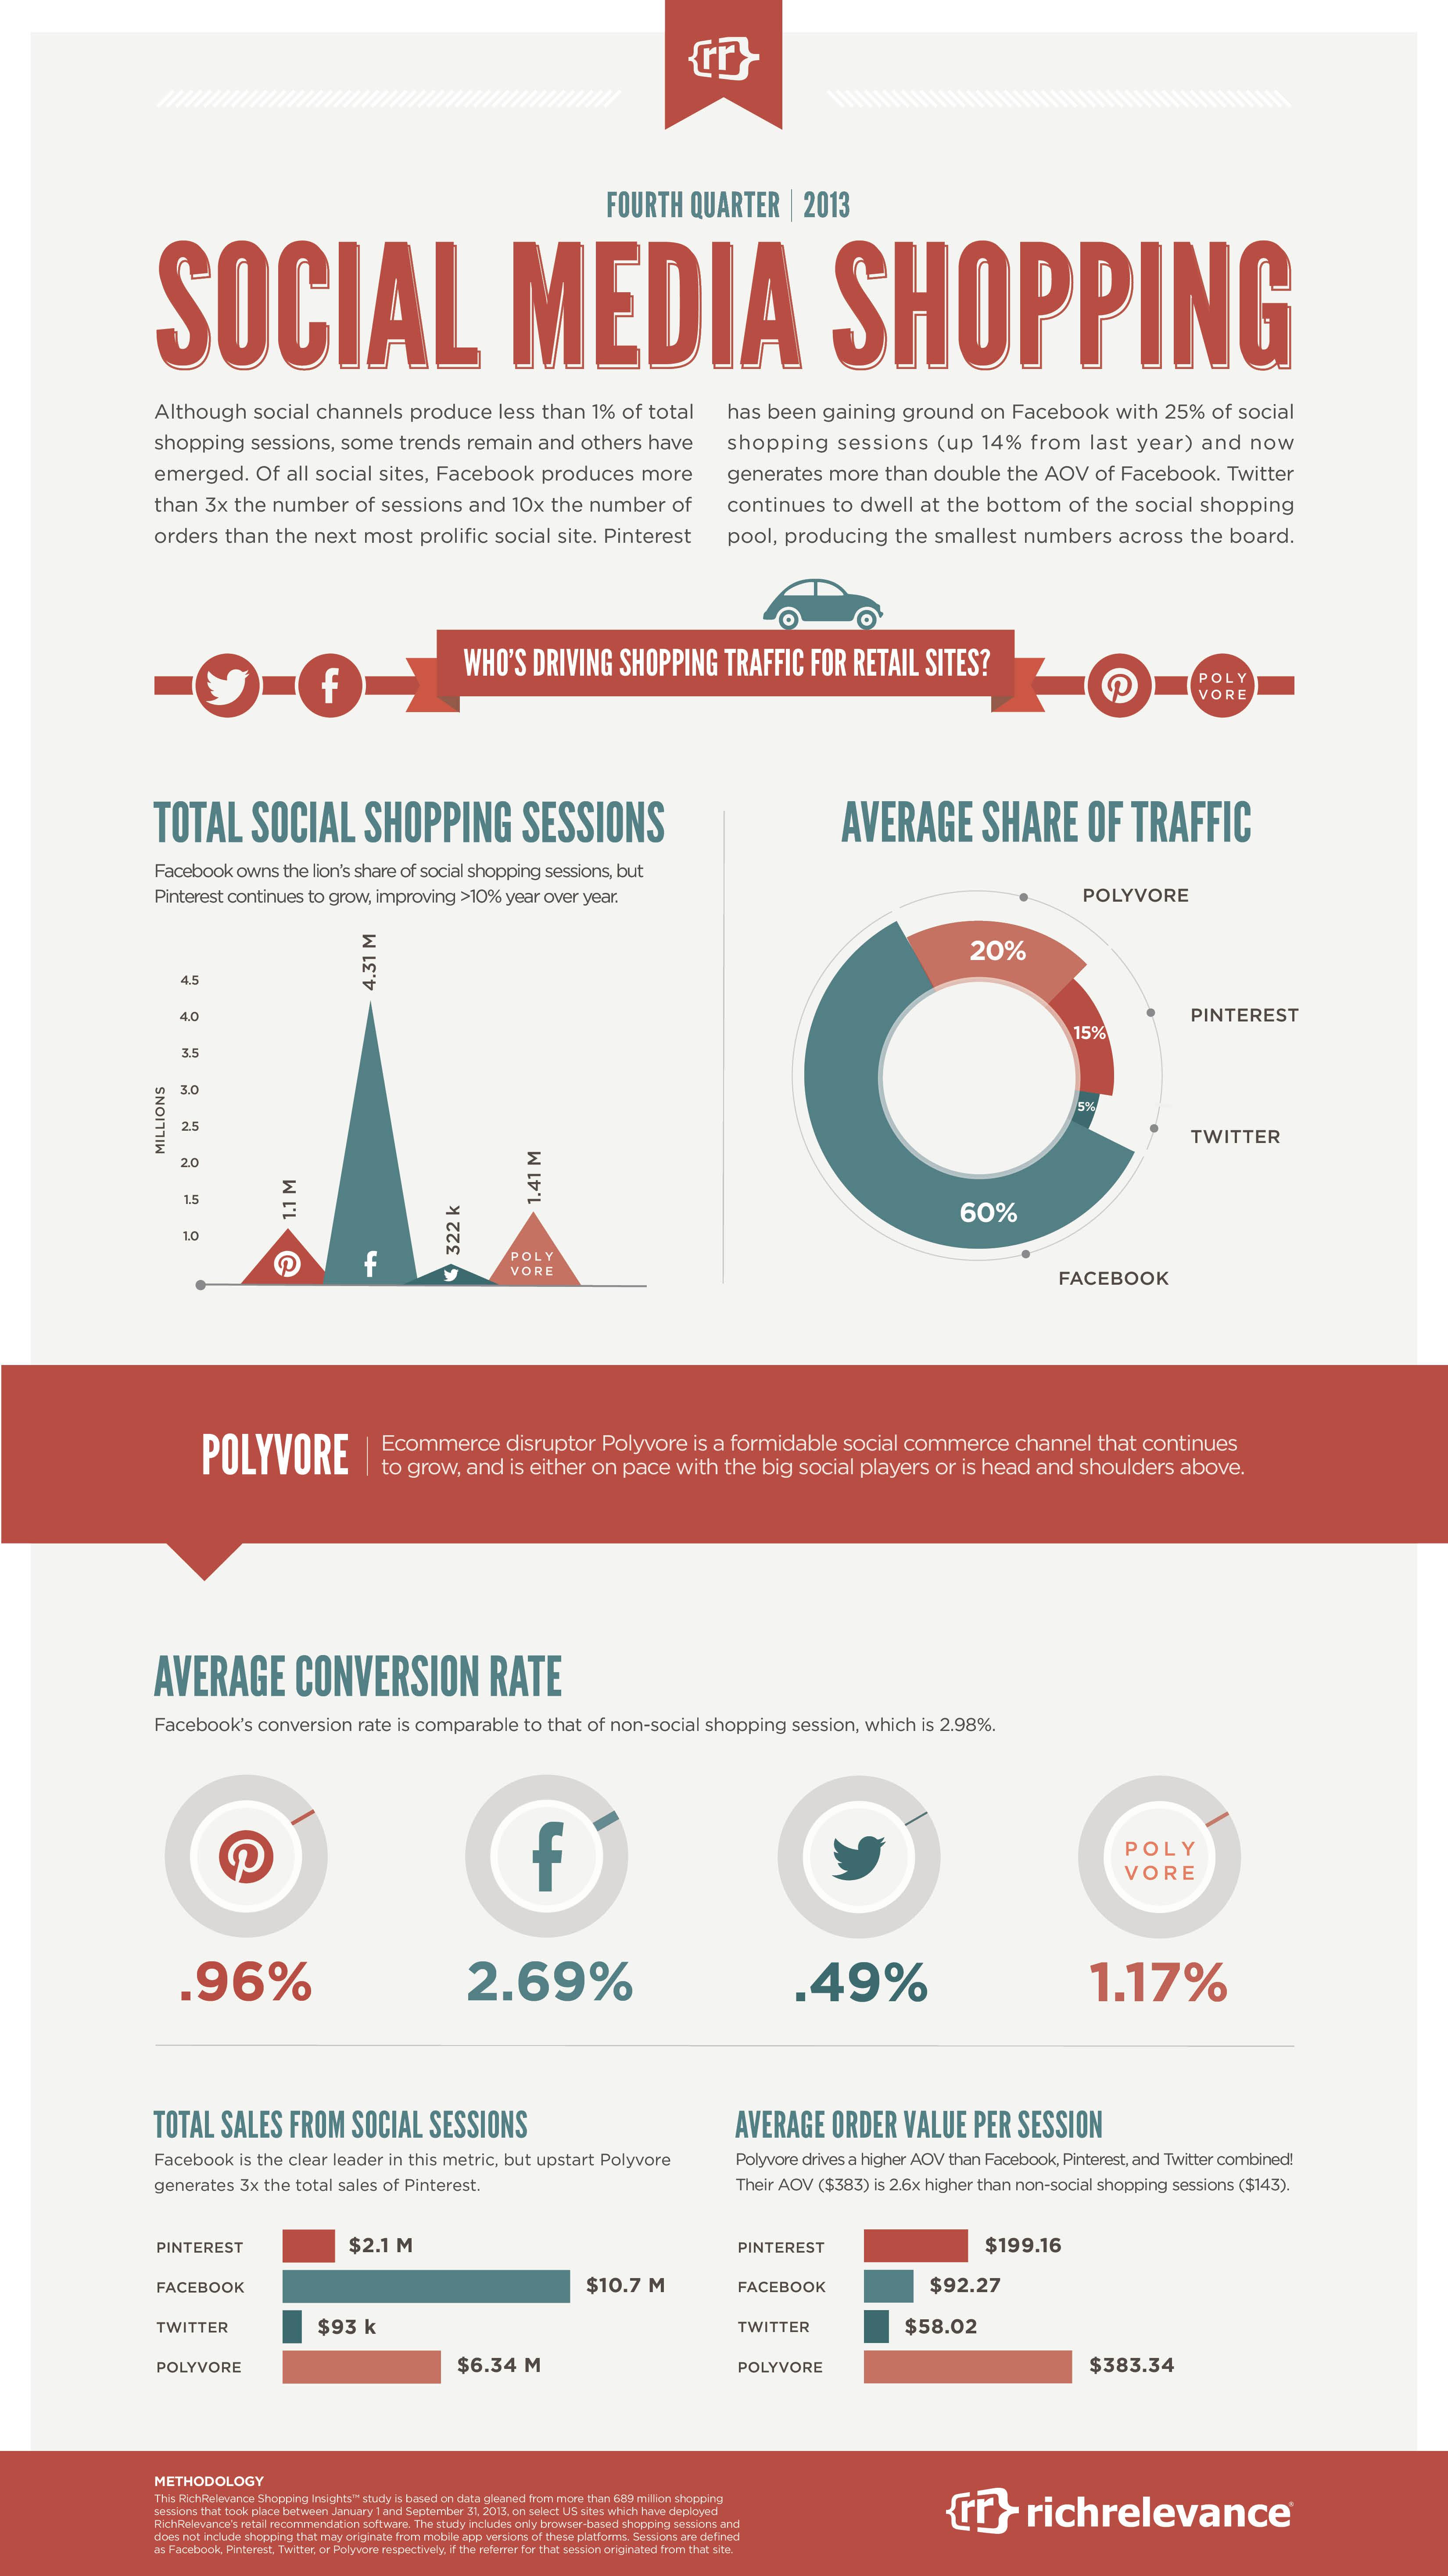 Social Shopping bekommt meisten Traffic durch Facebook